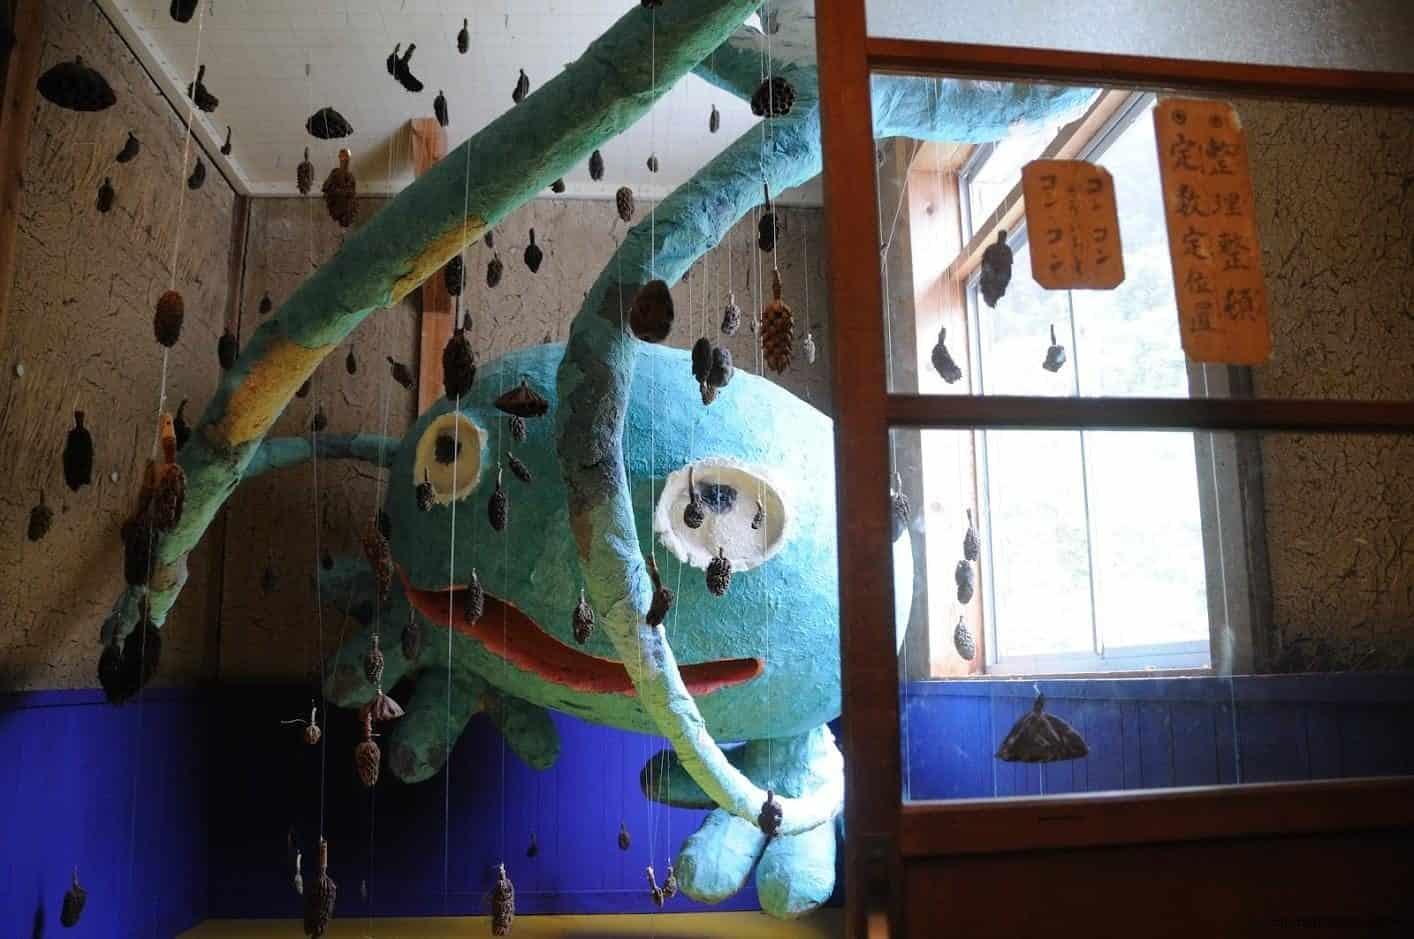 田島征三,繪本和樹木果實美術館,躲在角落的怪物,彷彿隨時會從暗處伸出觸角把人抓進去 繪本和樹木果實美術館 繪本和樹木果實美術館 hachi seizo tashima museum of picture book art 05 0x0